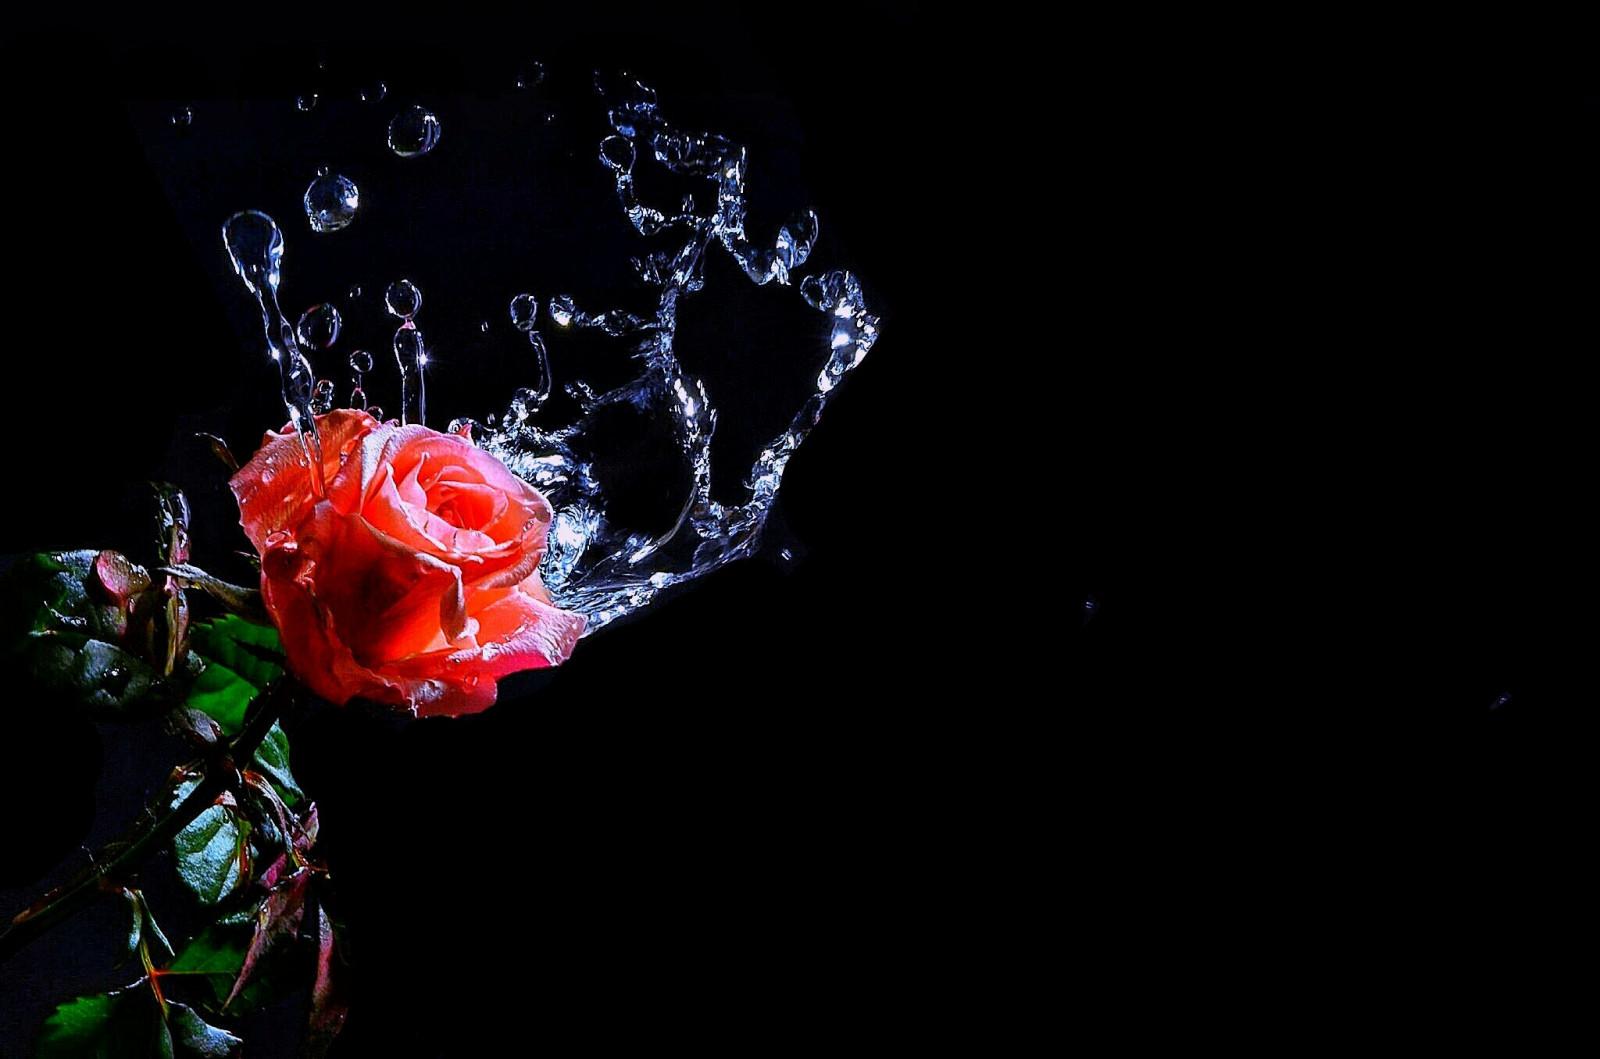 Fond d'écran : rose rouge, Macro, fond noir, larmes, gouttes d'eau, fourelementswater ...